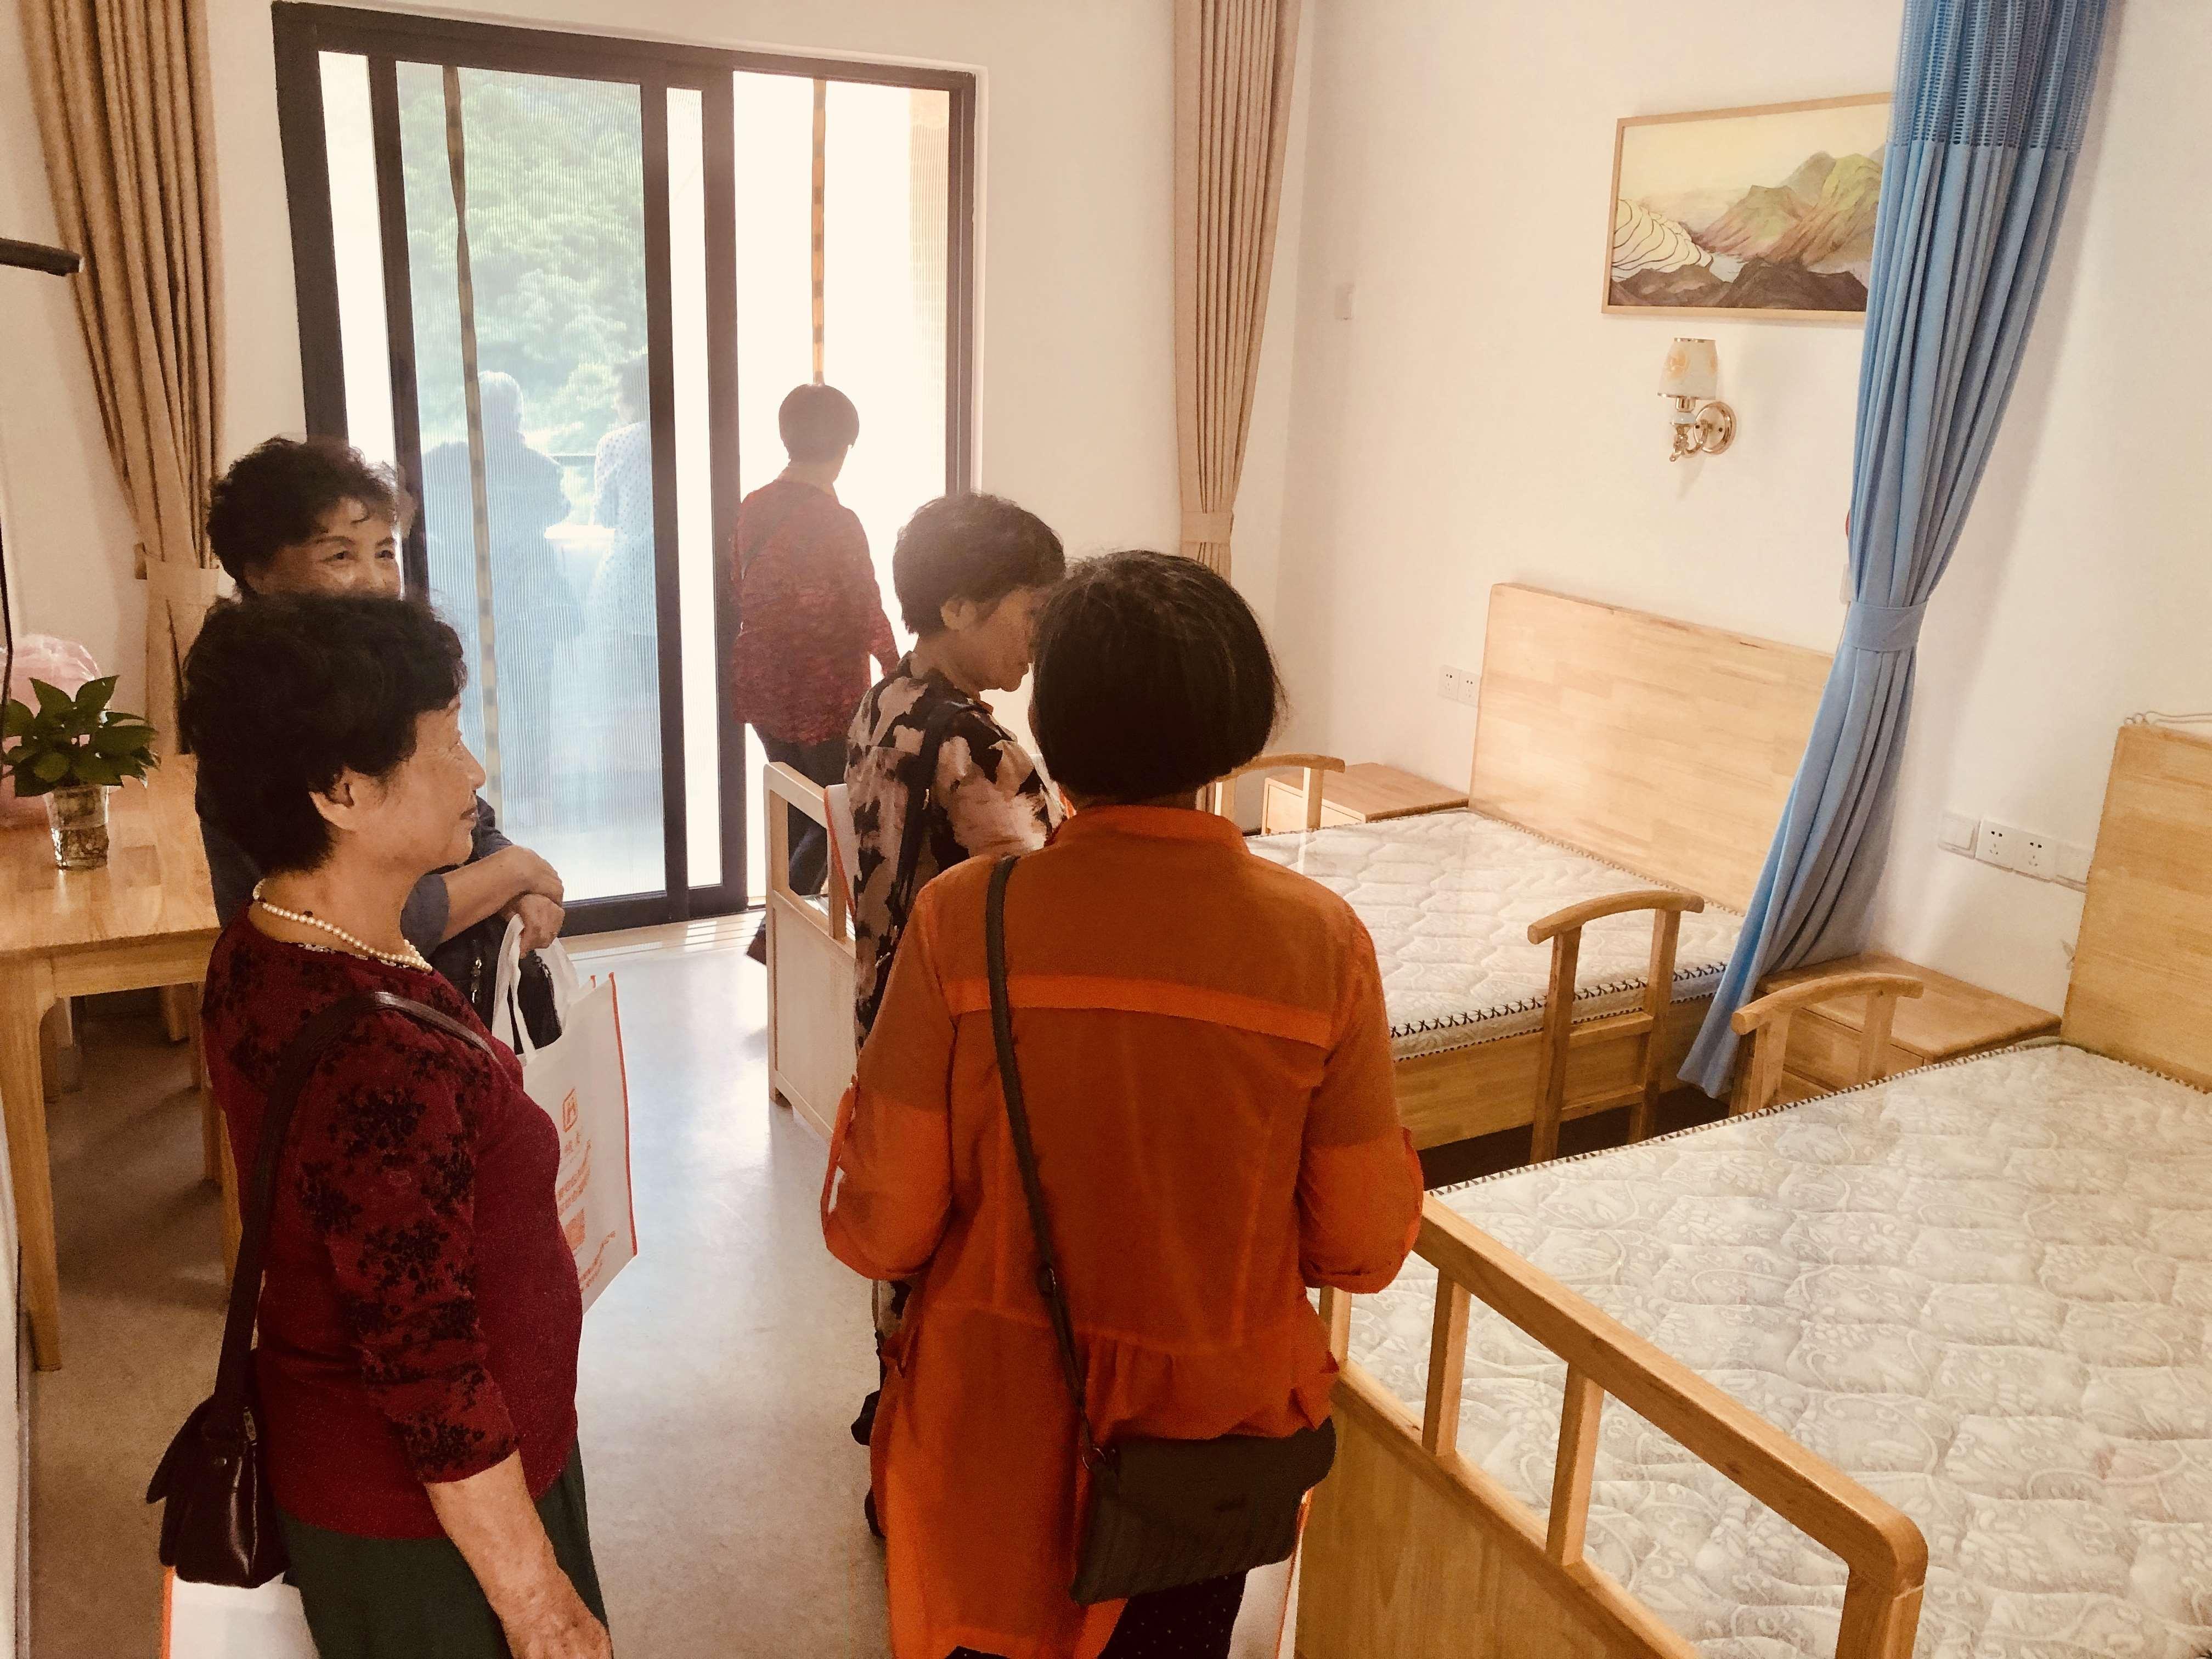 阿姨们参观房间环境!